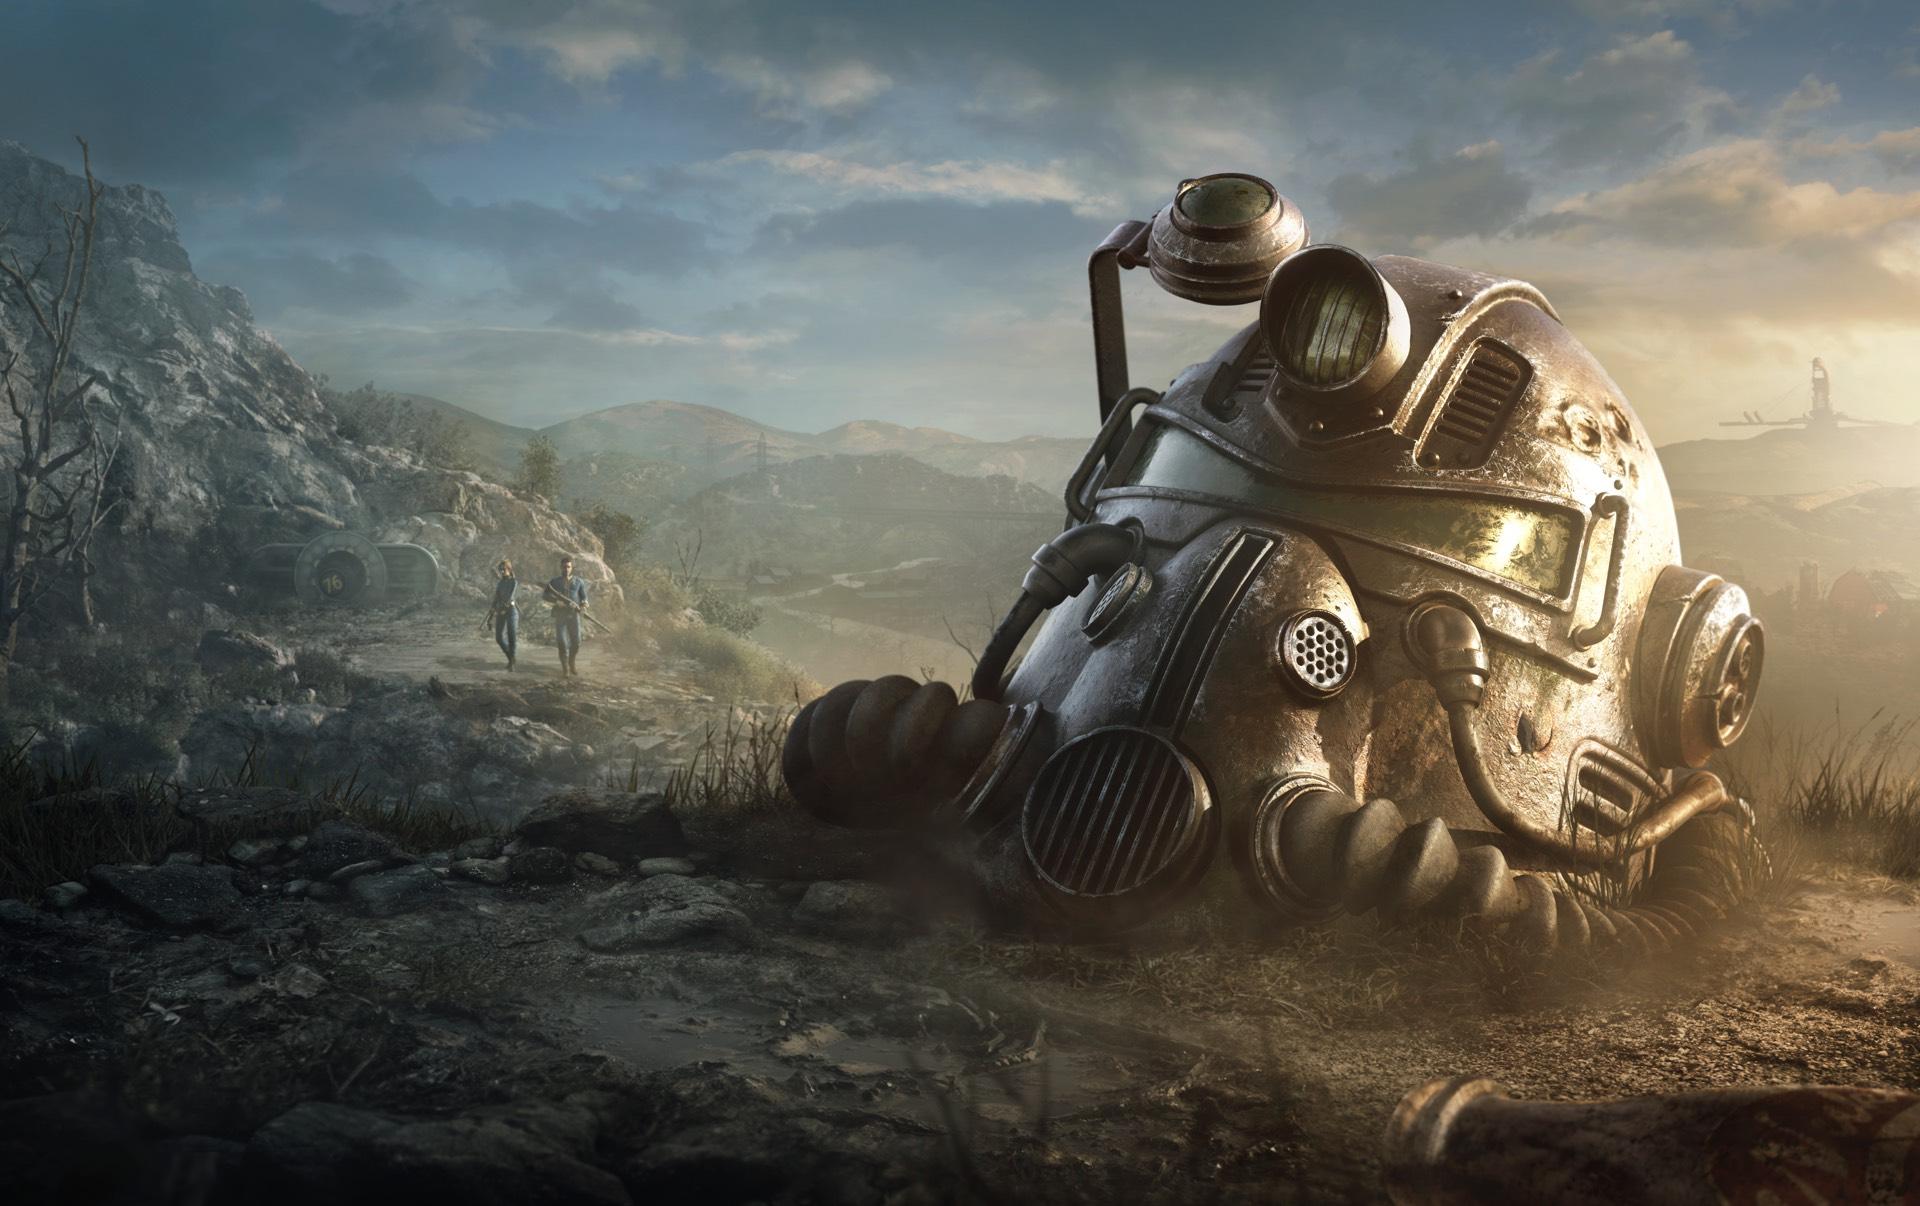 Fond D Ecran Tomber Fallout 76 Jeux Video 1920x1206 Cityhunter91 1403713 Fond D Ecran Wallhere